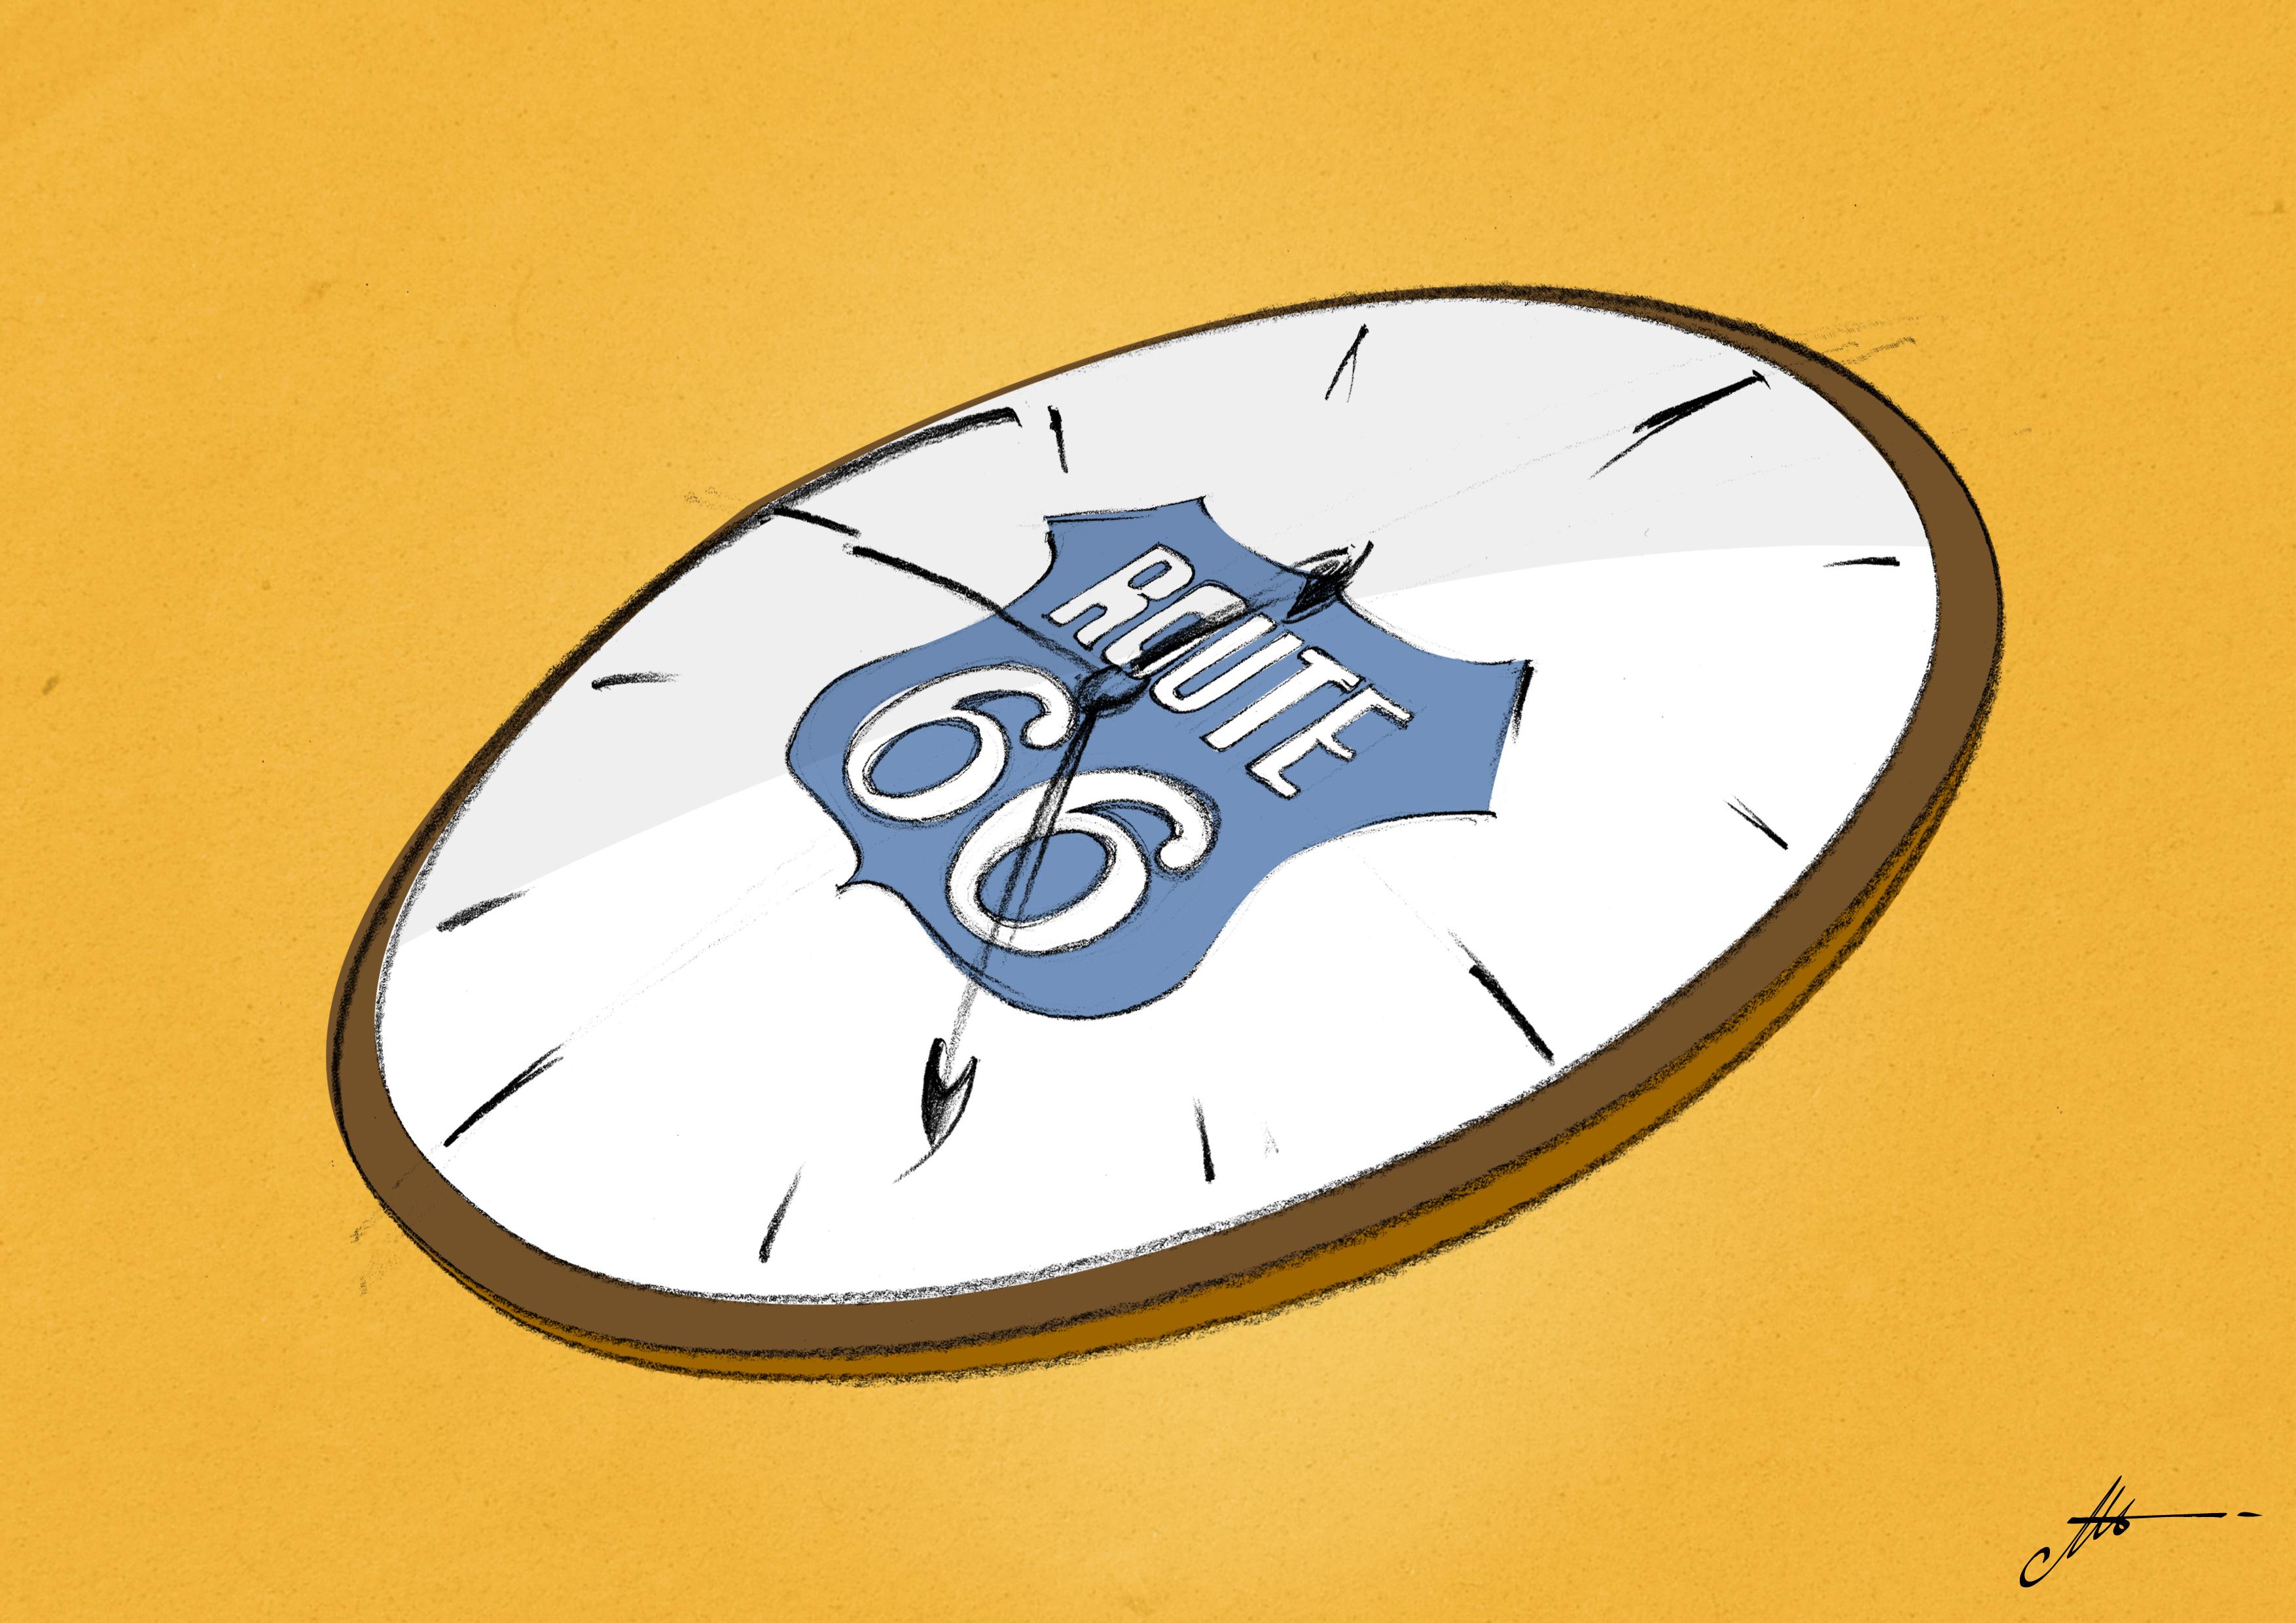 serigrafare sui quadranti degli orologi